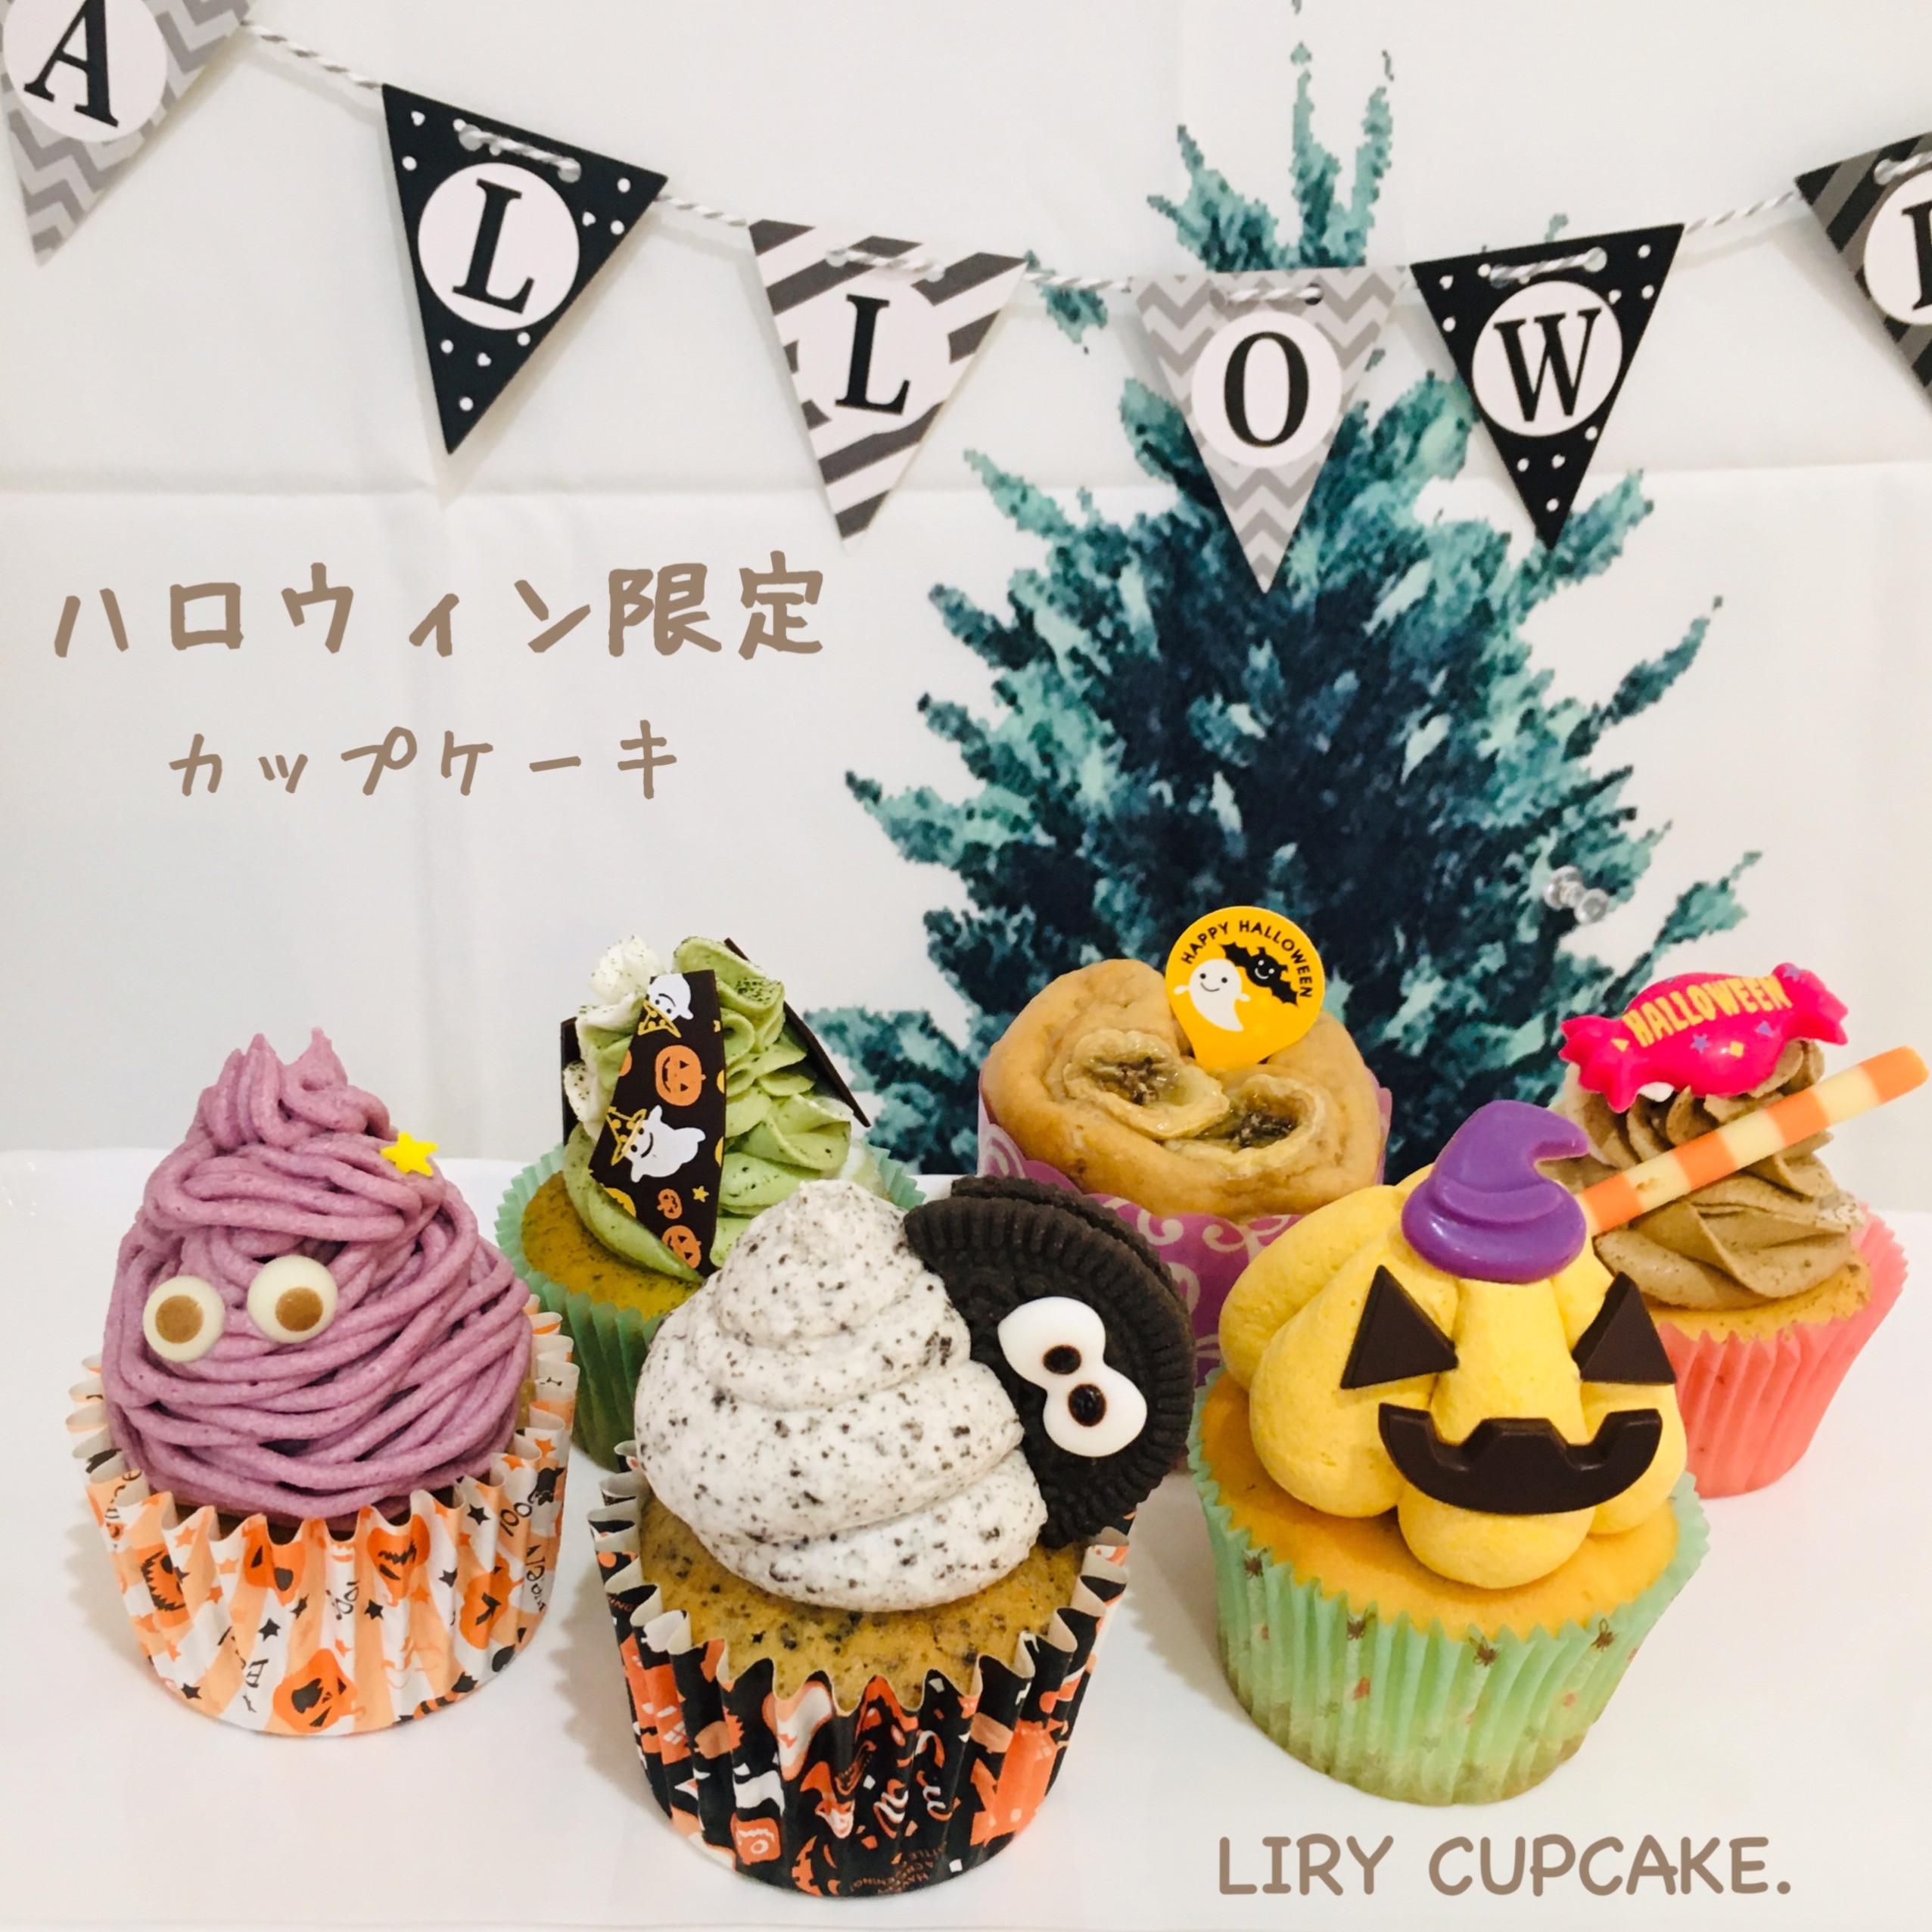 今年は6種☆ 季節のカップケーキや人気の定番カップケーキが Halloweenになって登場‼︎>